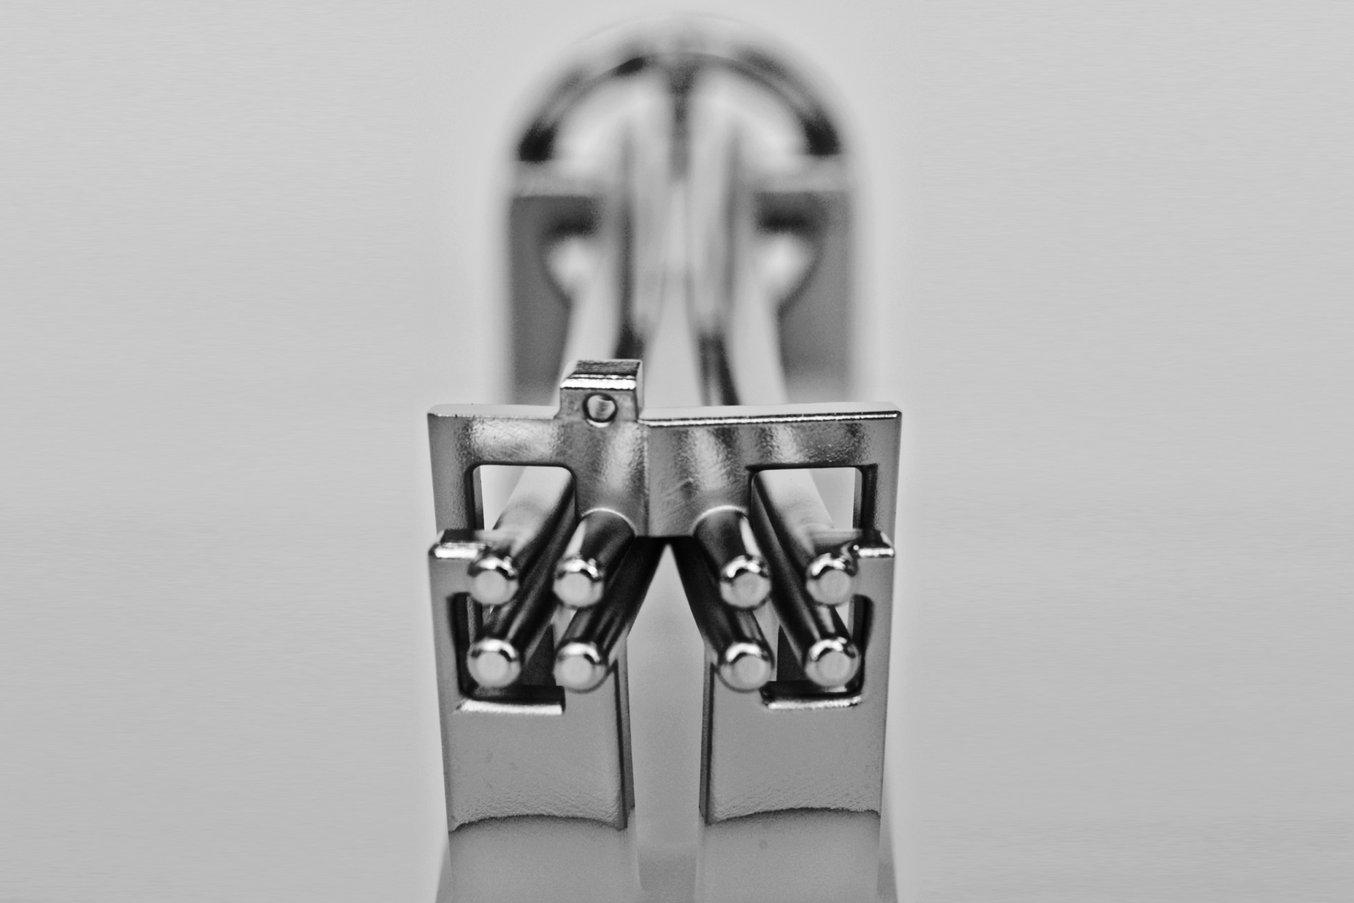 Andreas Osterwalder ha usato la stampa 3D e la galvanizzazione per fabbricare questo beam splitter.